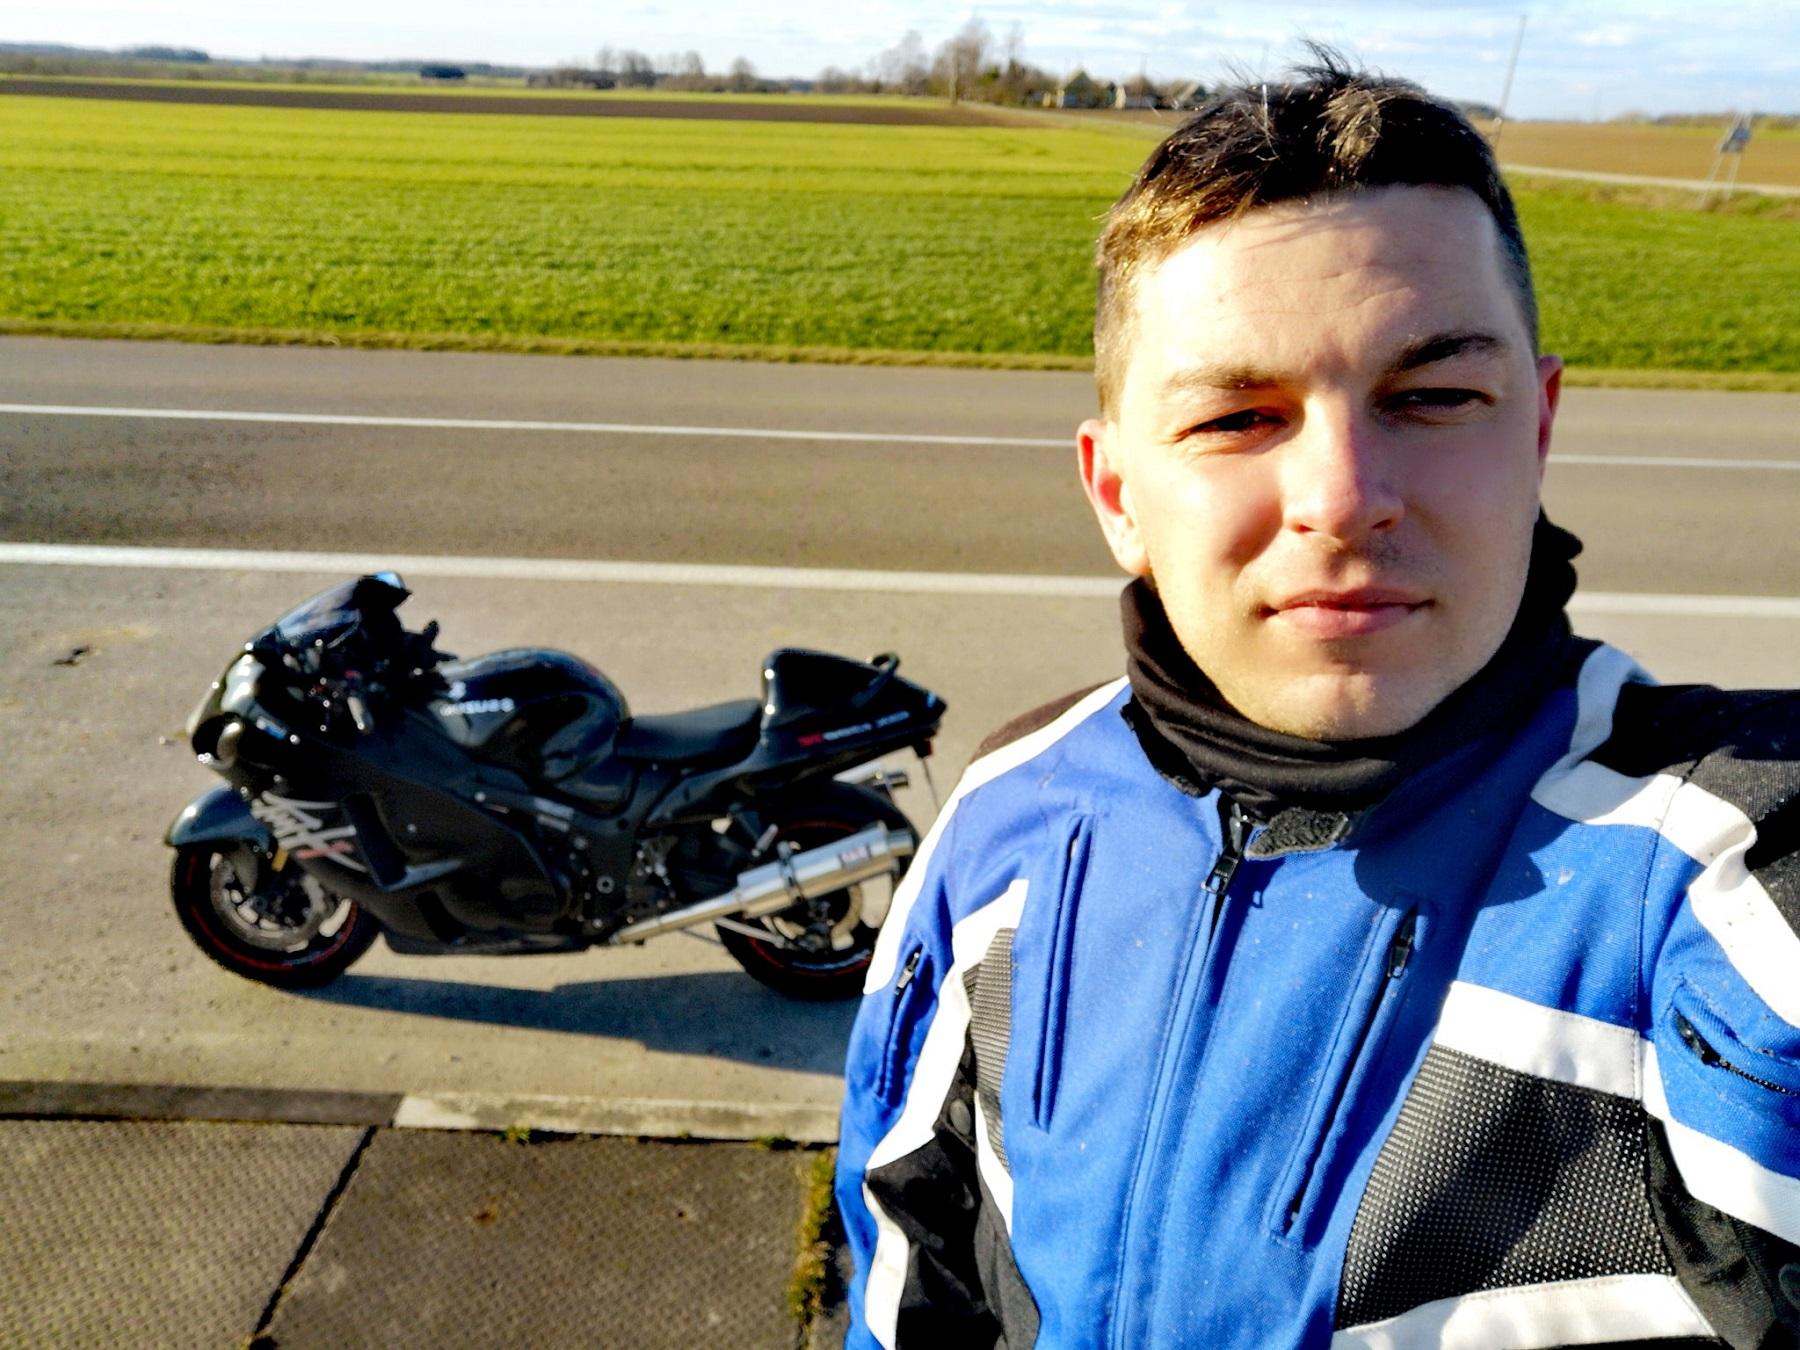 """Manto Mažuolio nuomone, pamatinė saugaus važiavimo motociklu taisyklė: """"Motociklu reikia važiuoti taip, lyg tau visada būtų šalutinis, net jeigu ir pagrindinis""""."""